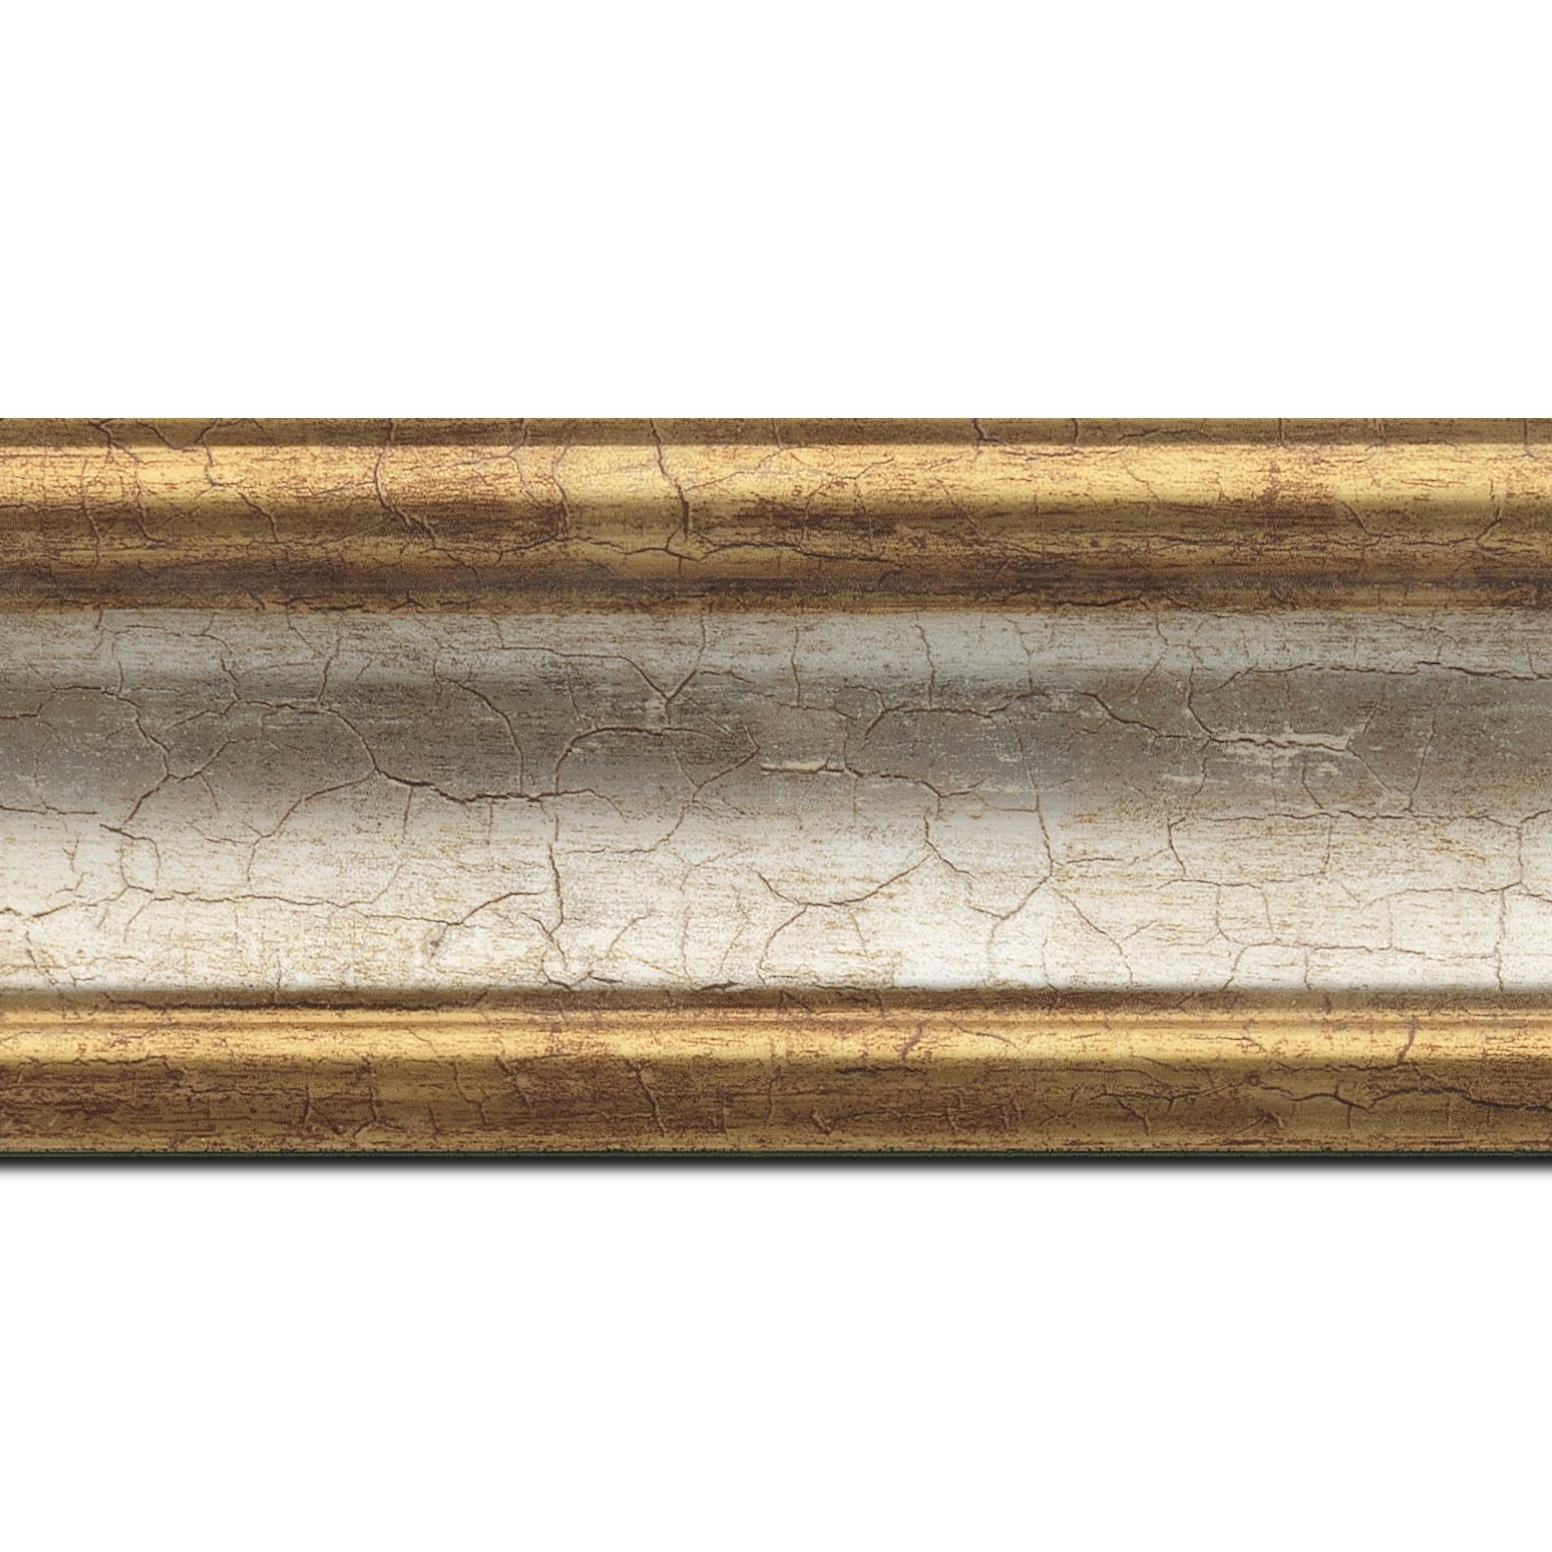 Pack par 12m, bois profil incurvé largeur 7cm gorge argent chaud craquelé bord or craquelé (longueur baguette pouvant varier entre 2.40m et 3m selon arrivage des bois)